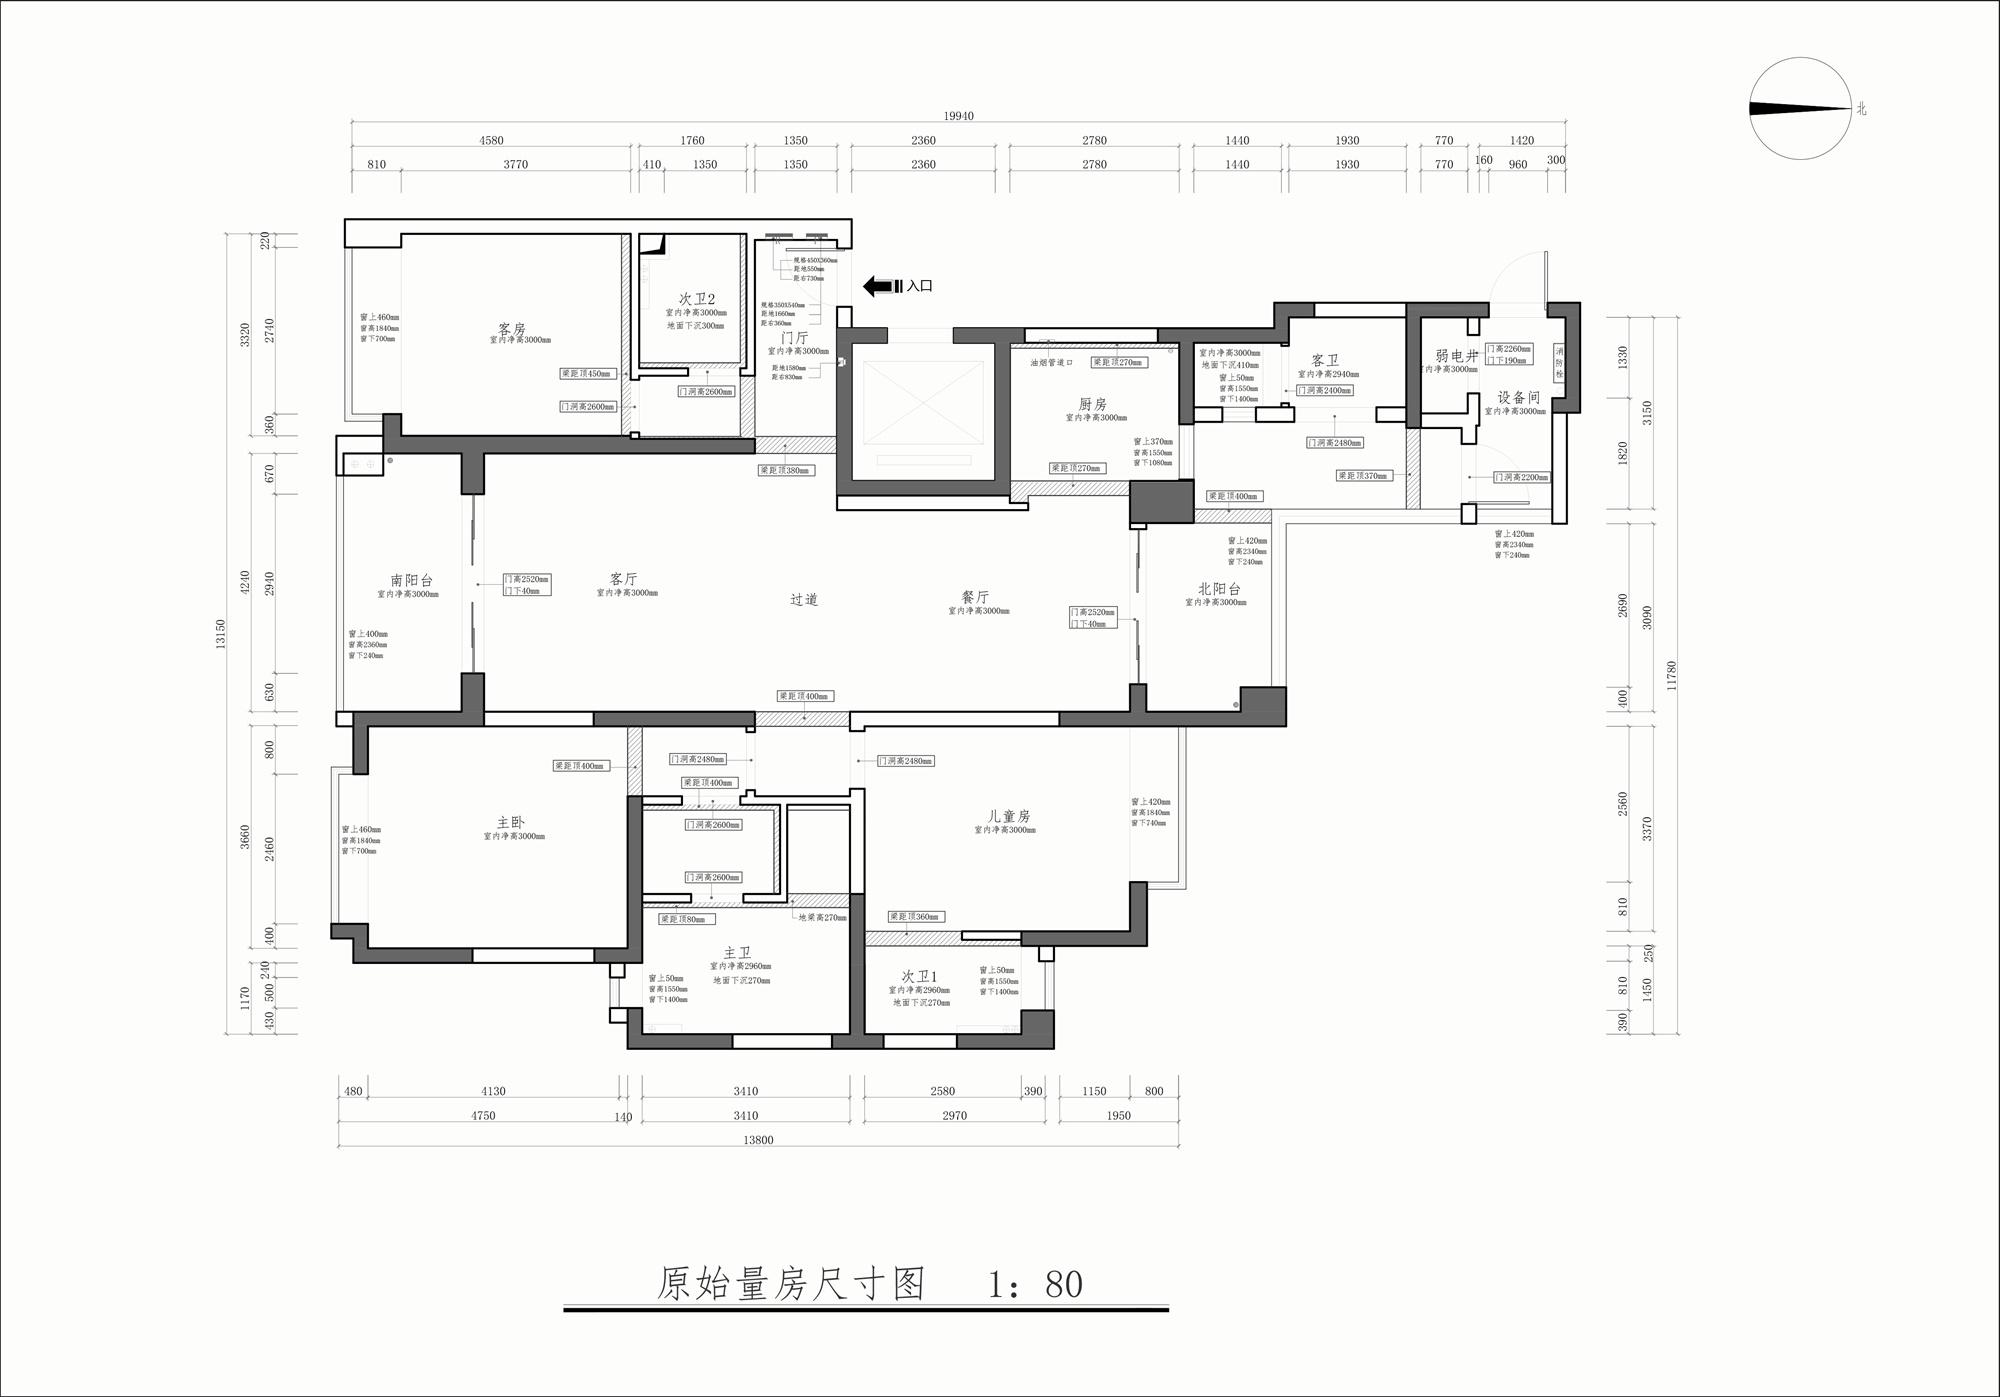 雅居乐滨江国际195㎡美式风格装修设计理念